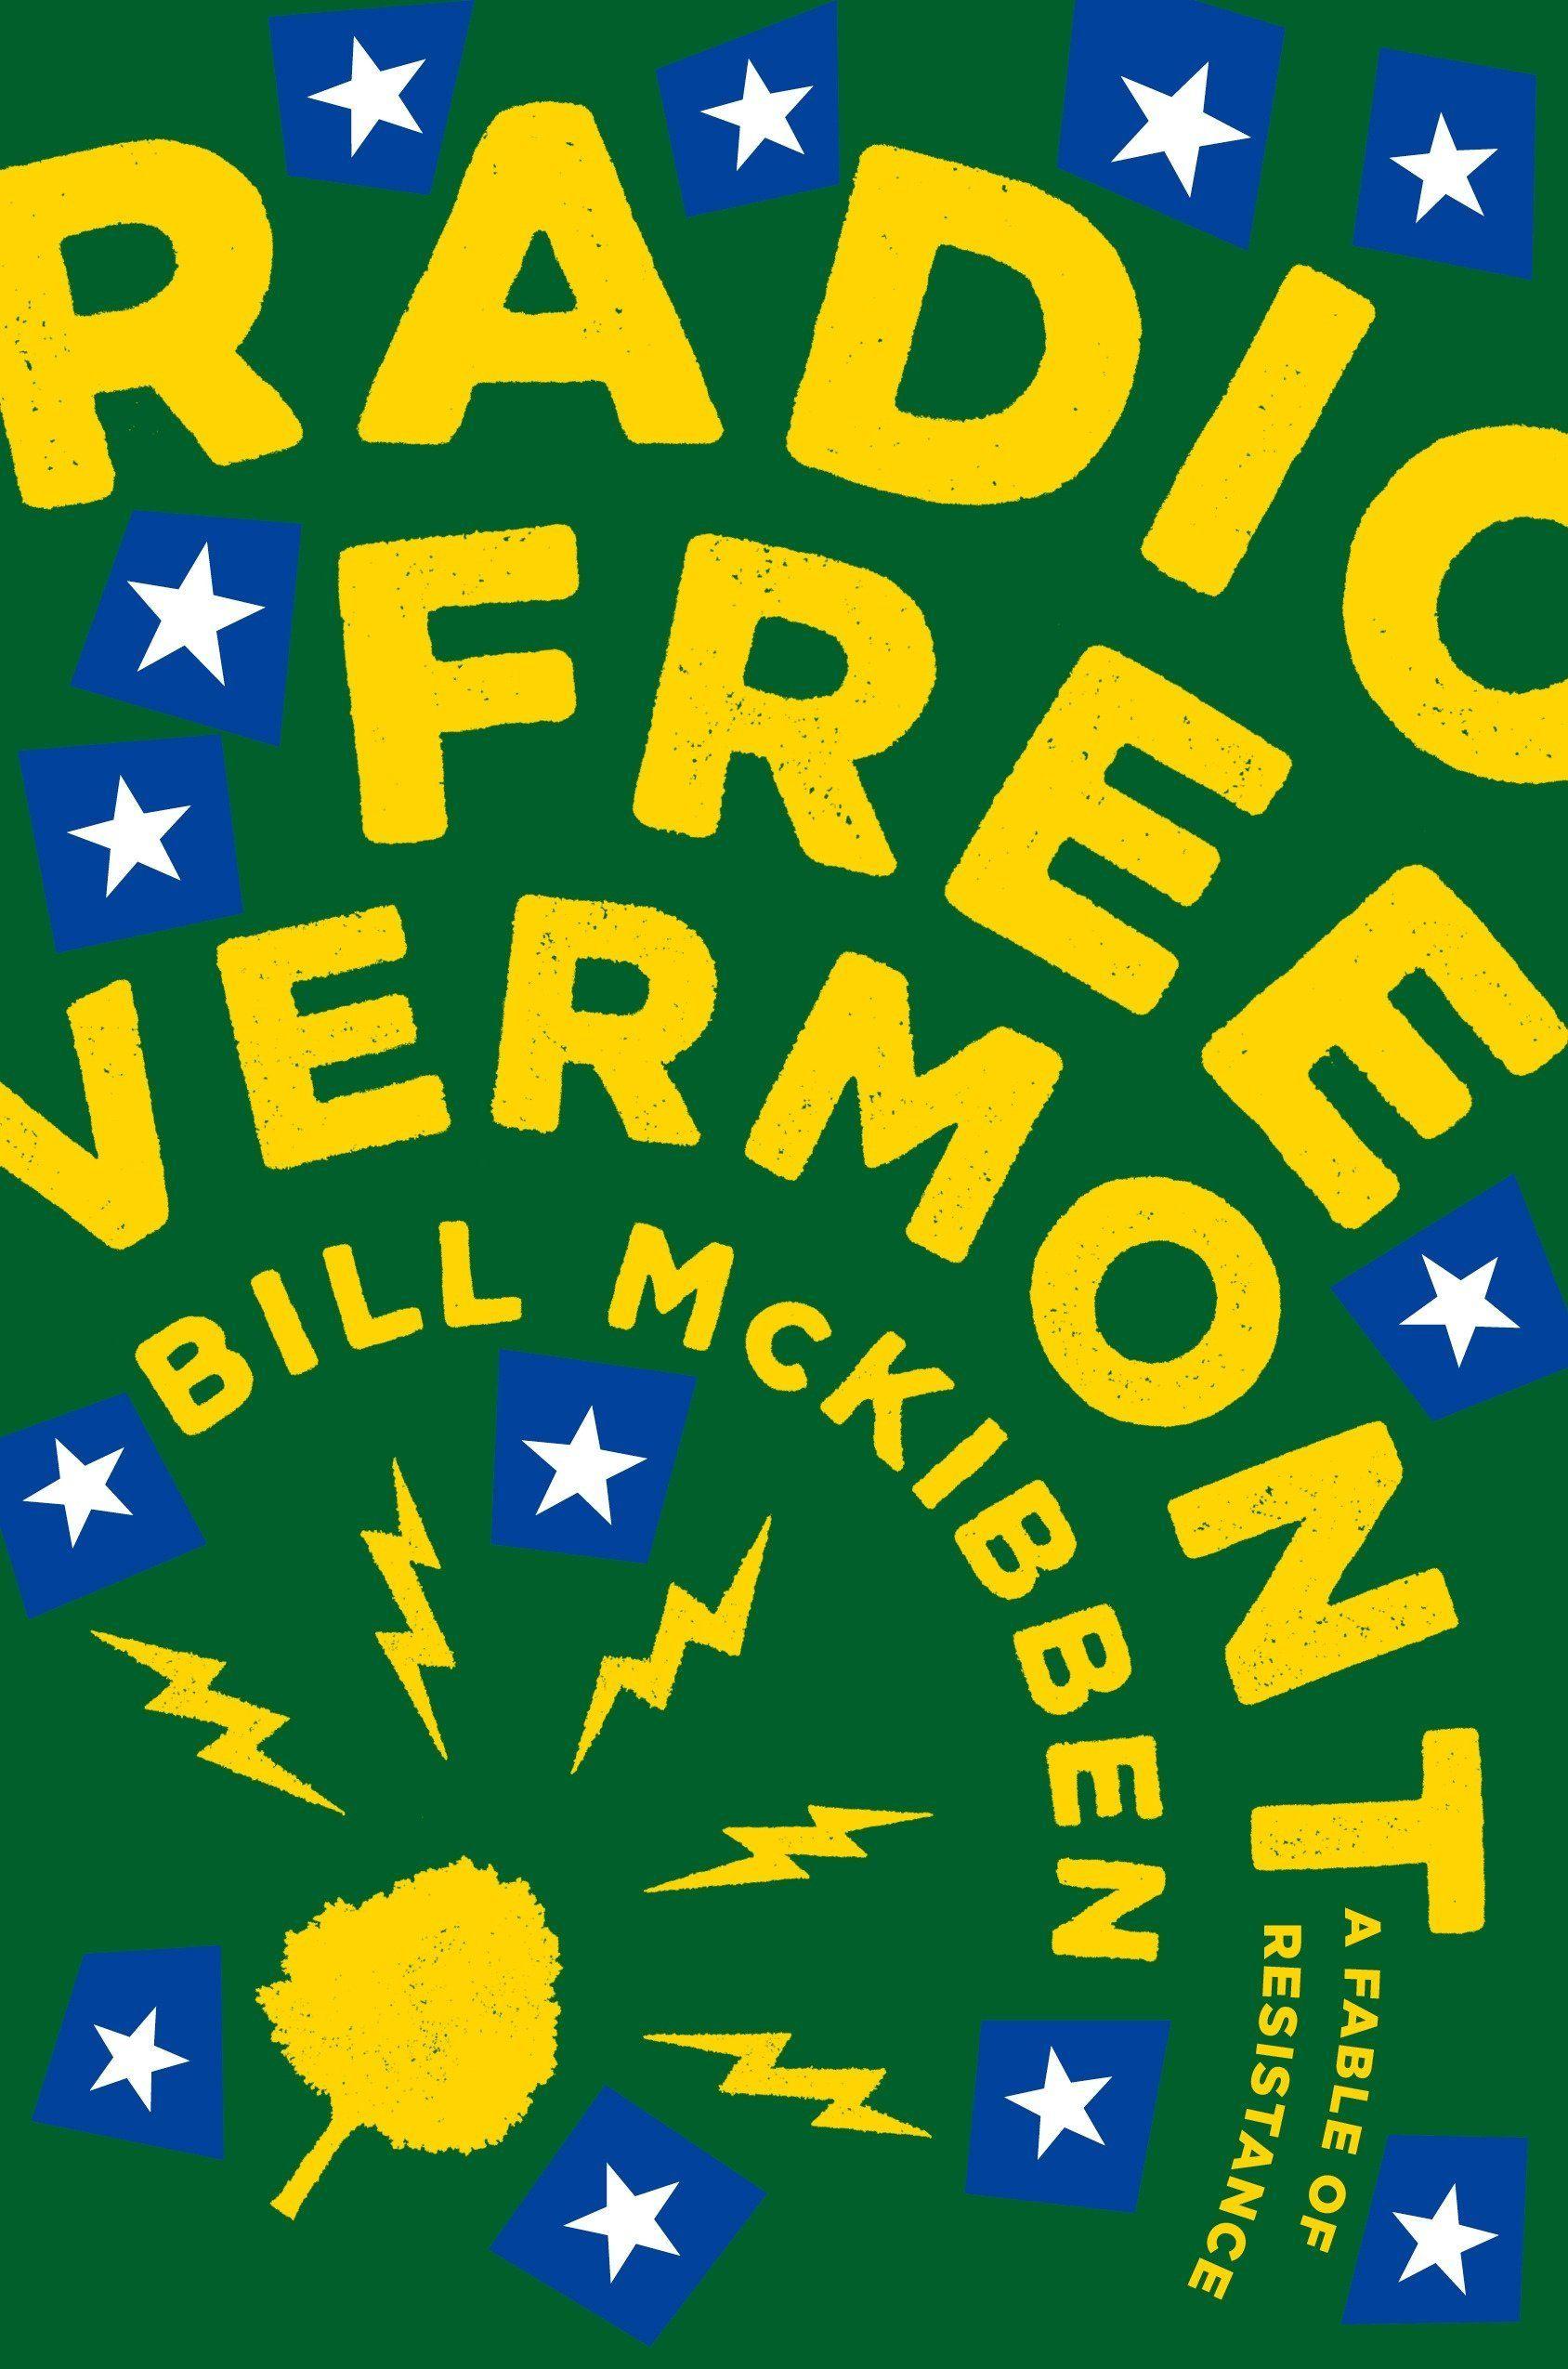 Amazon tour De Lit Nouveau Radio Free Vermont A Fable Of Resistance Bill Mckibben